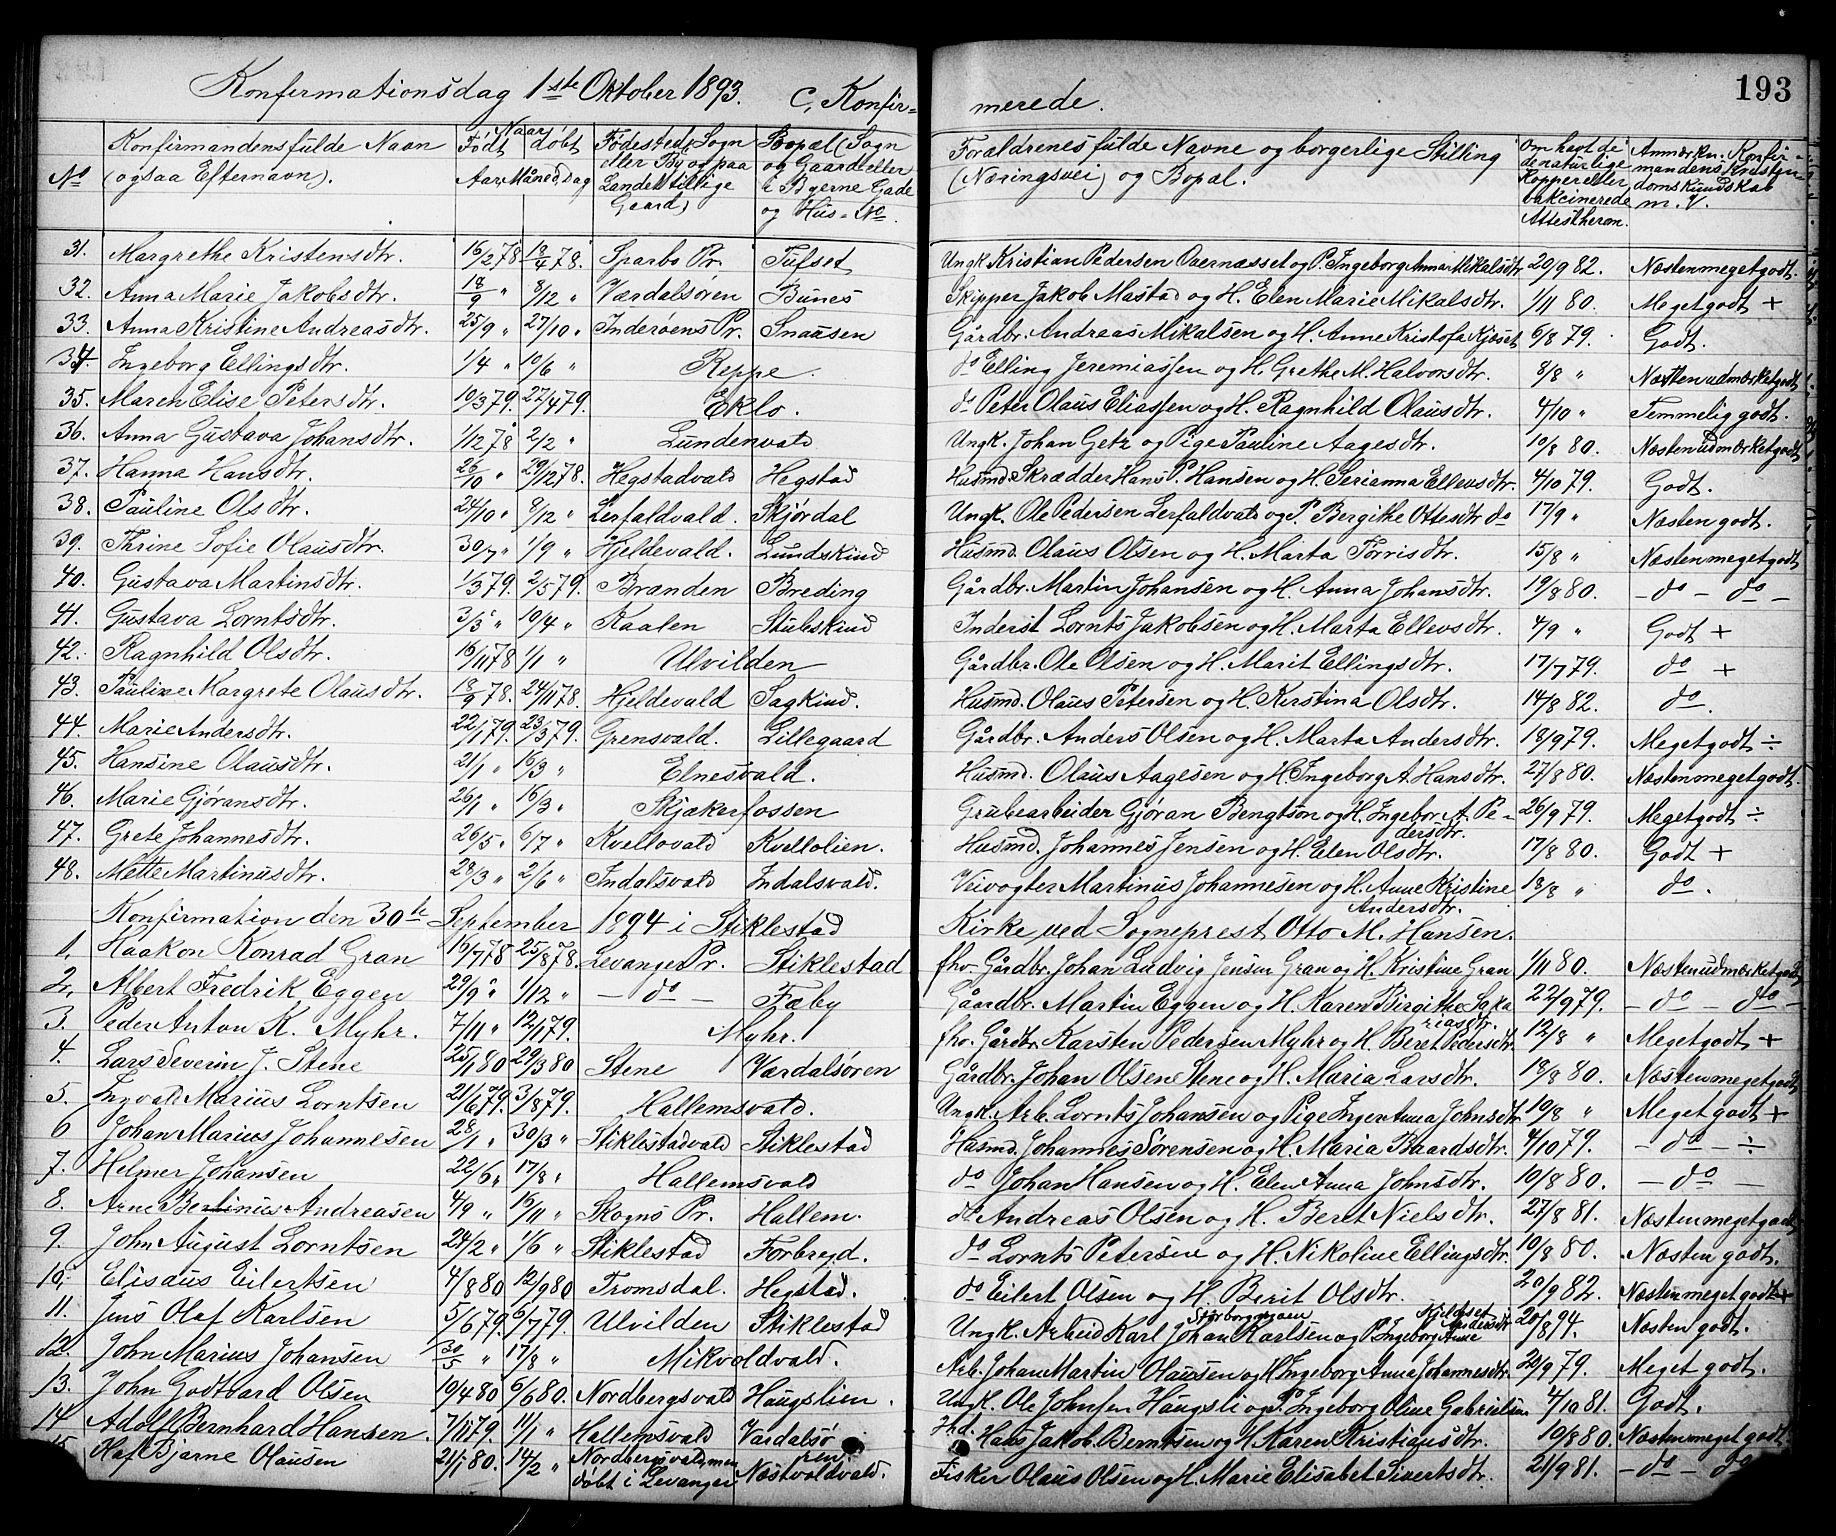 SAT, Ministerialprotokoller, klokkerbøker og fødselsregistre - Nord-Trøndelag, 723/L0257: Klokkerbok nr. 723C05, 1890-1907, s. 193